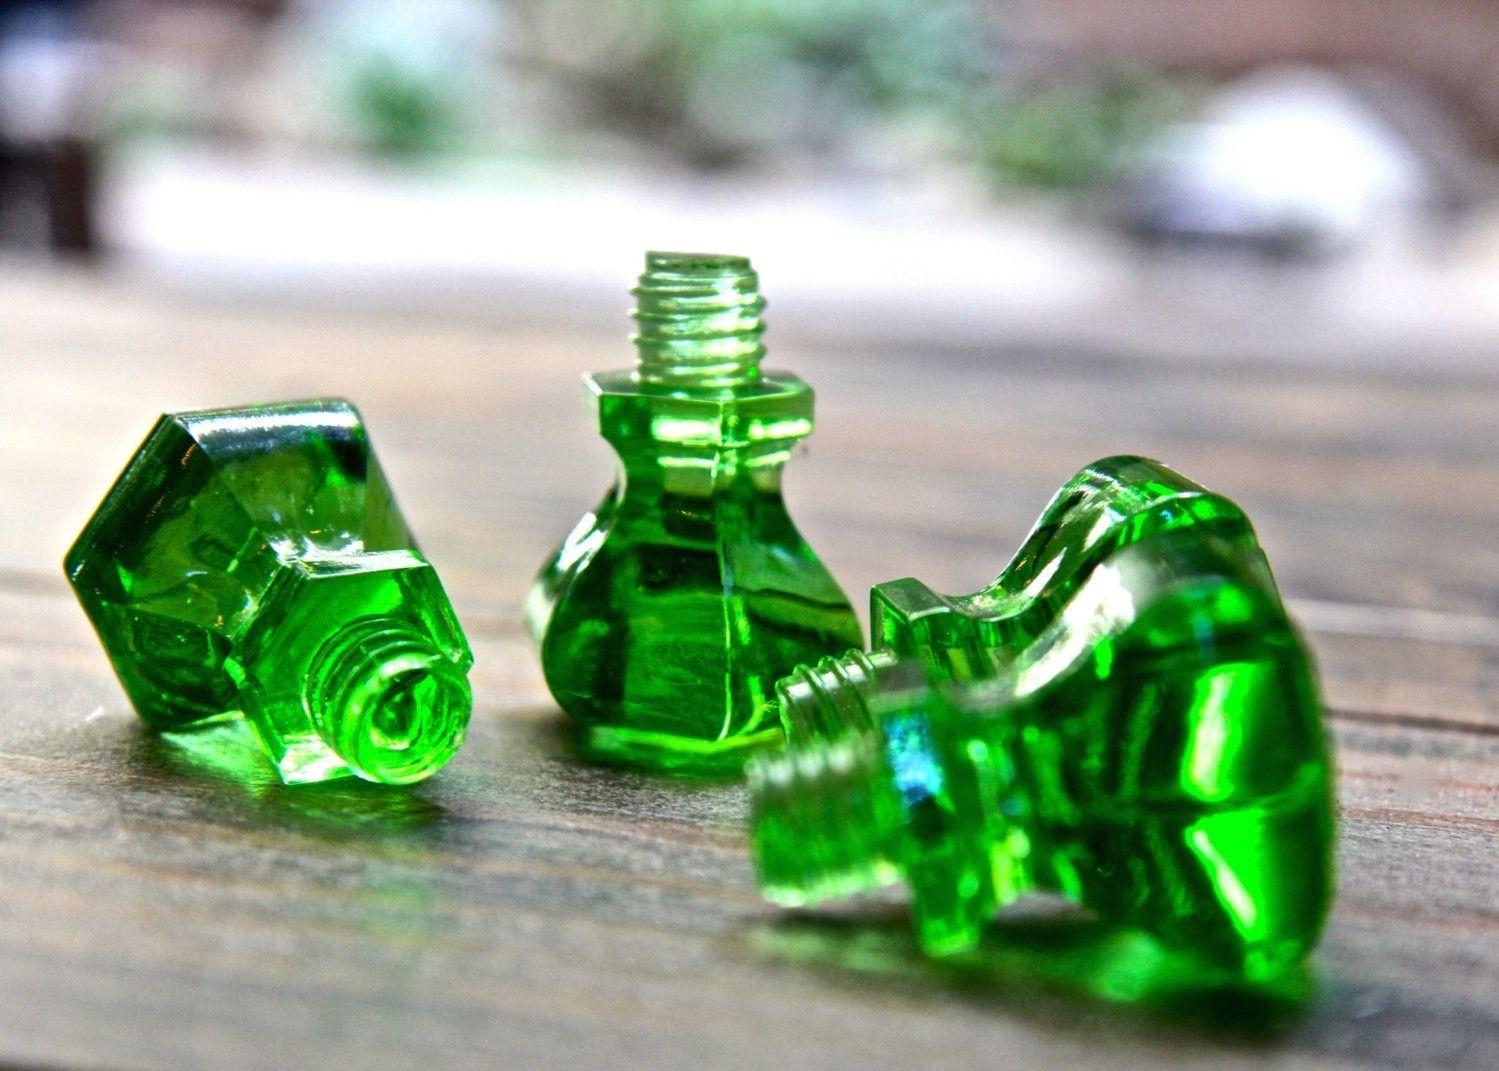 Salvaged threaded green glass hoosier cabinet door knobs or pulls ...